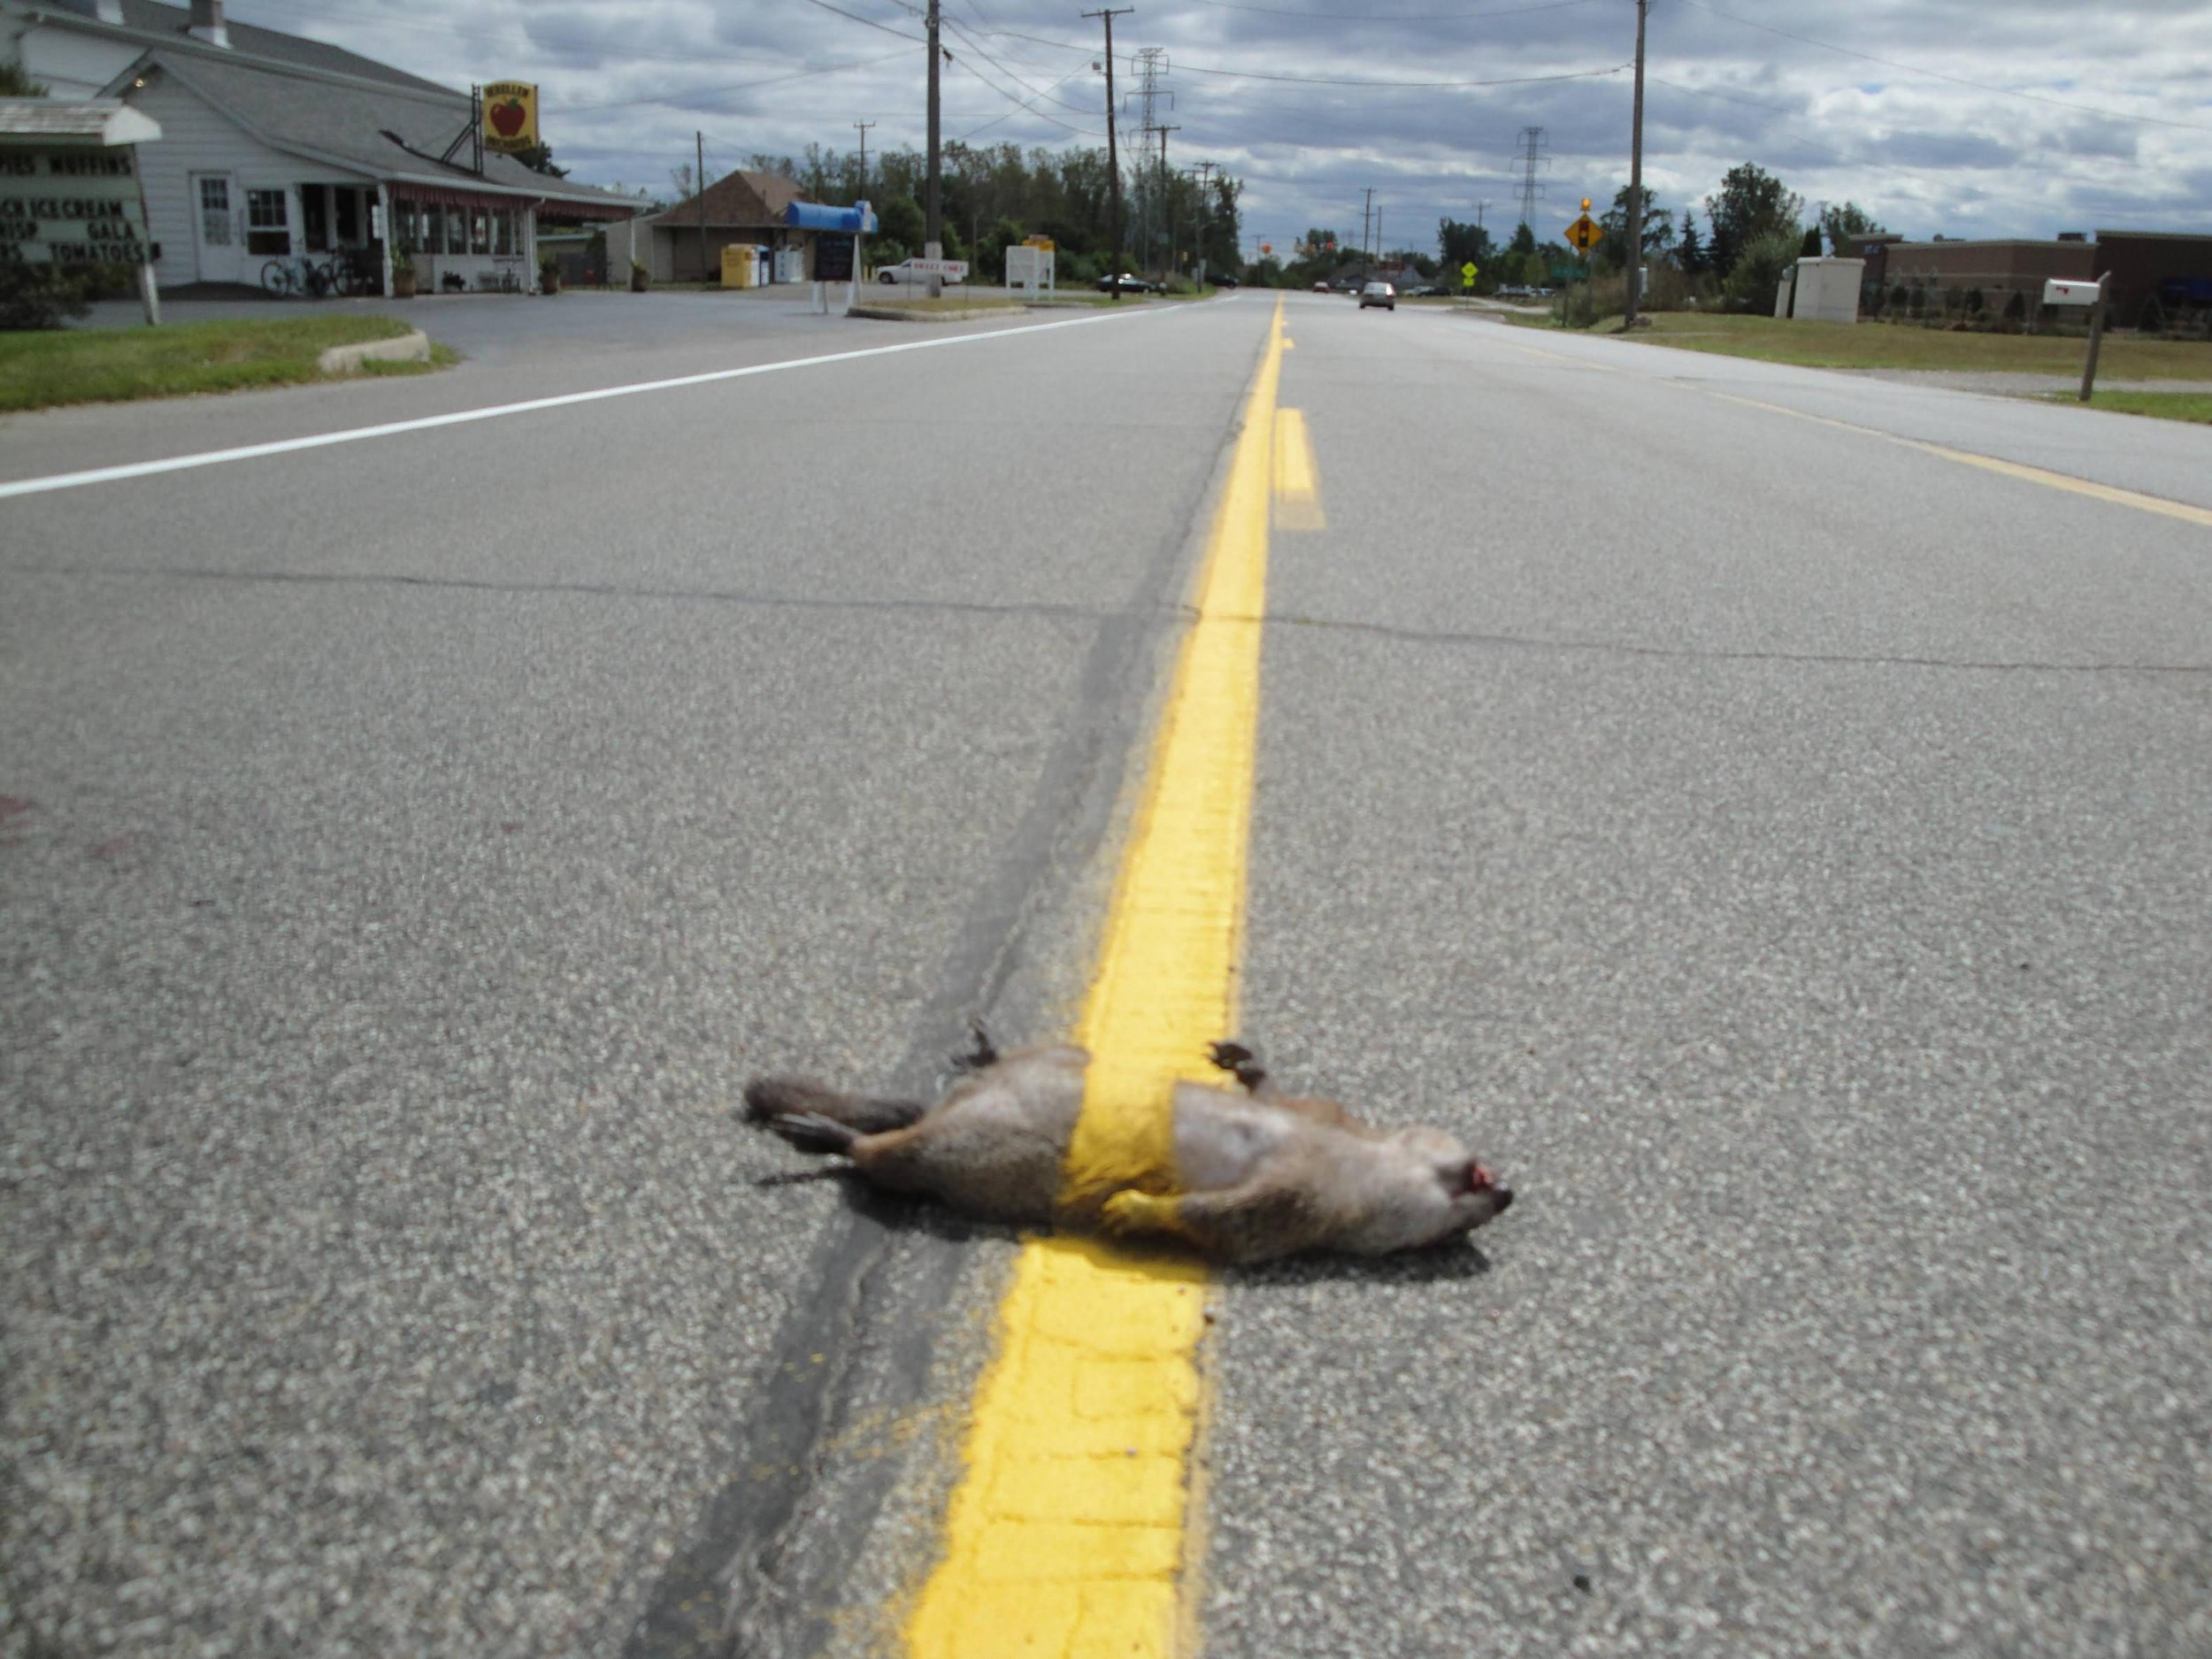 Squirrel-Funny-Road-Kill-Picture.jpg